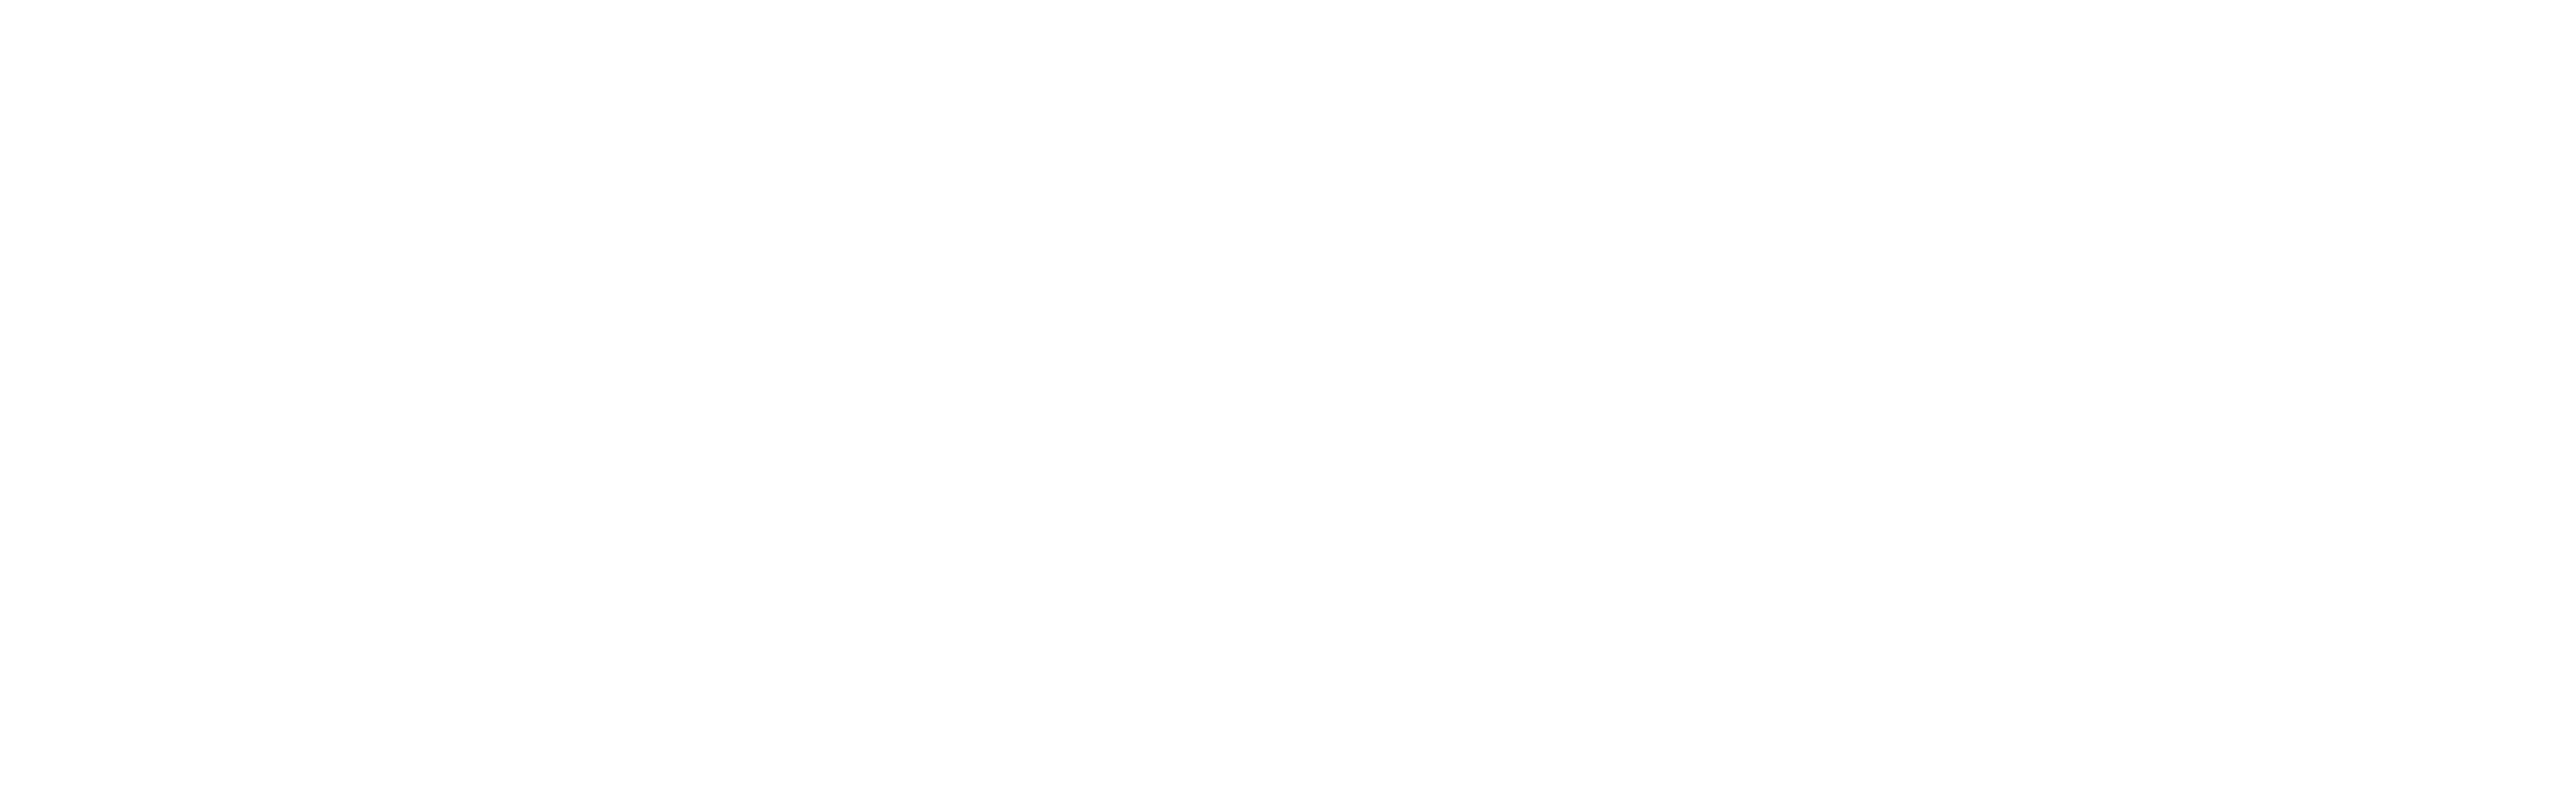 Die Energiemakler